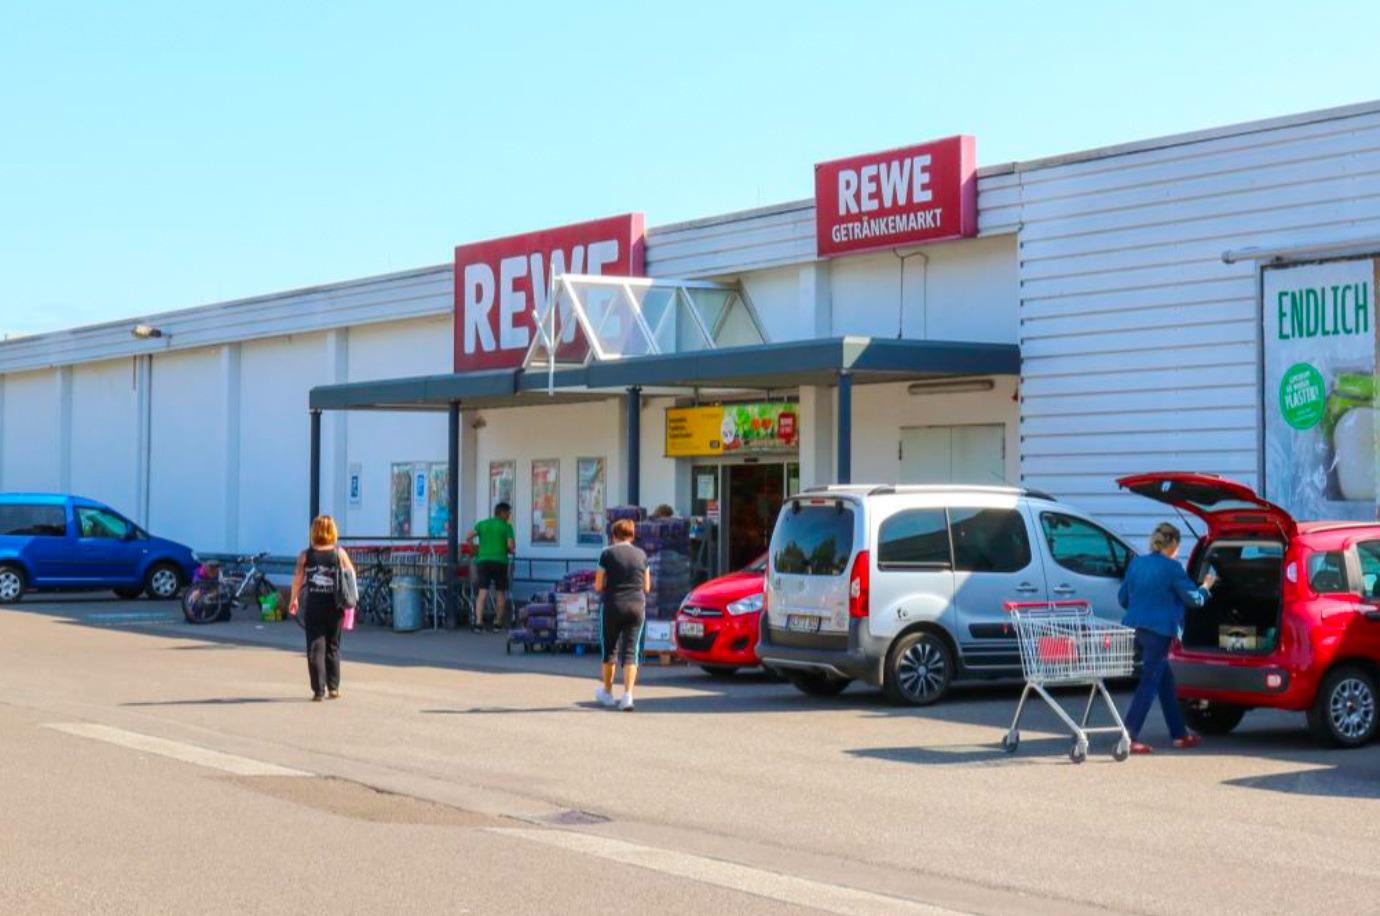 INTERRA Immobilien AG Düsseldorf, Rewe Schmelz